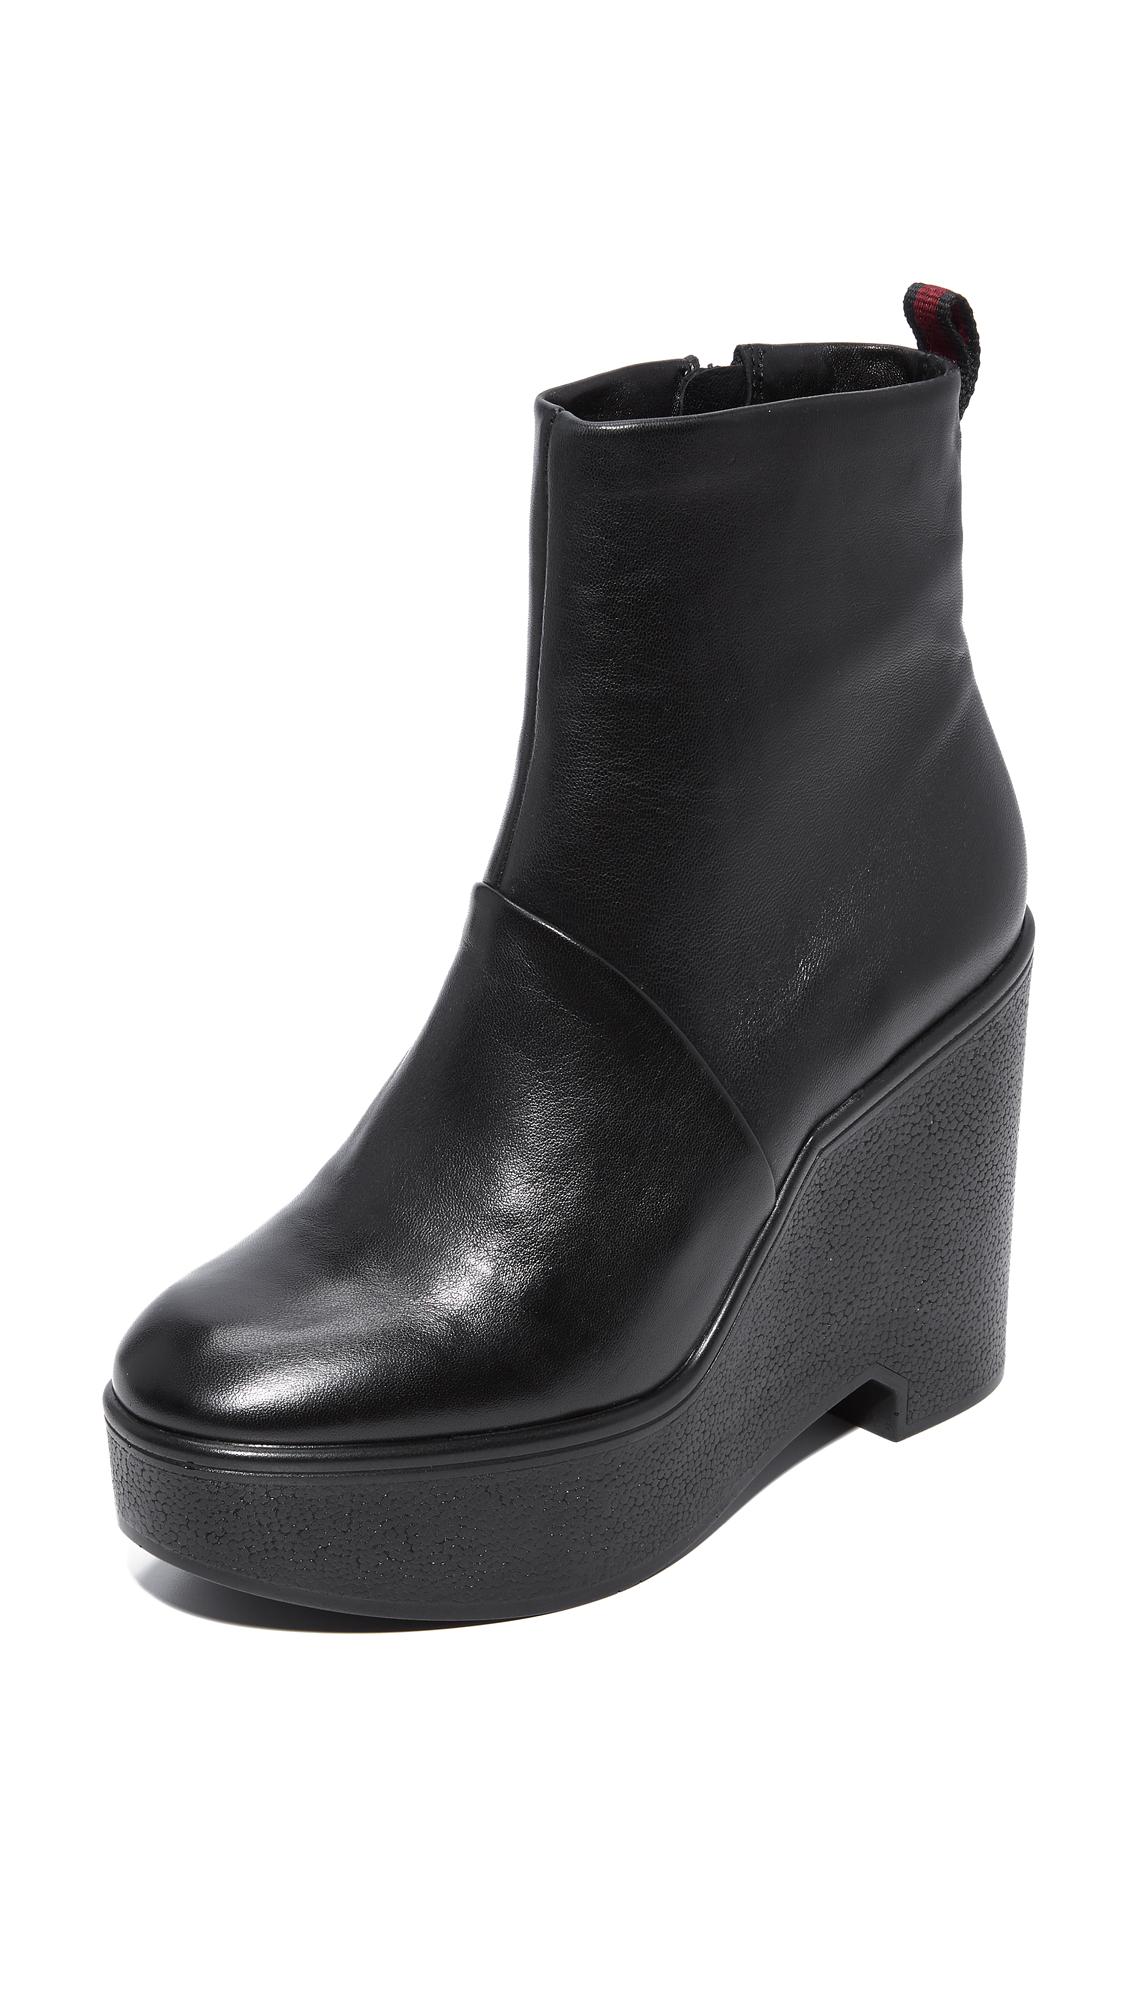 Robert Clergerie Bisouto Block Heel Booties - Black